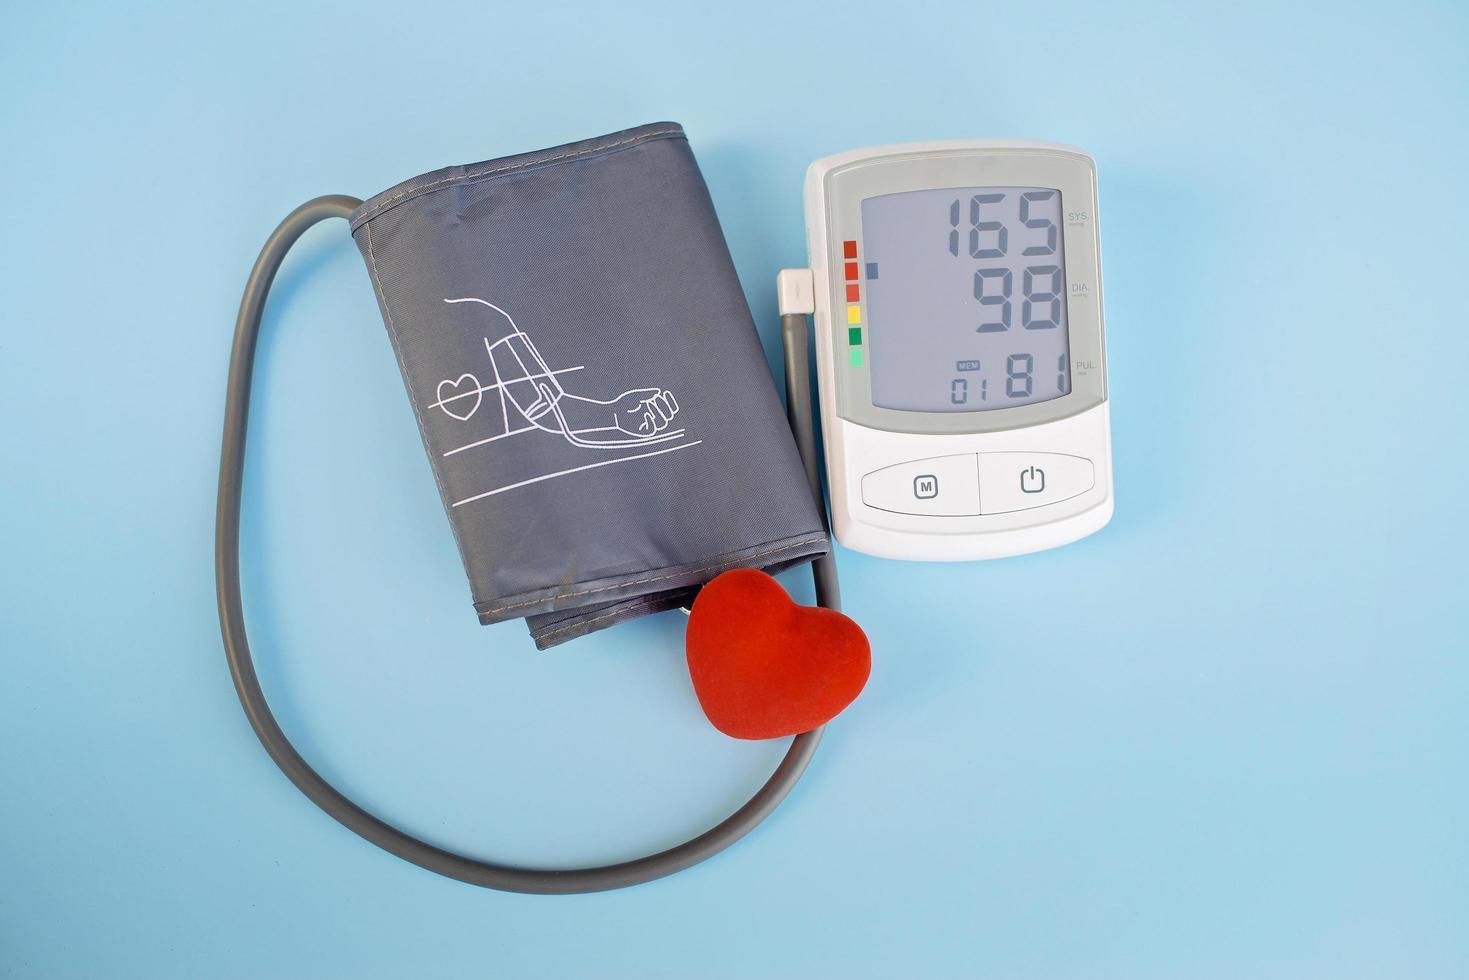 rött leksakshjärta och tonometer på en blå bakgrund. hälsovårdskoncept. kardiologi - vård av hjärtat .. foto